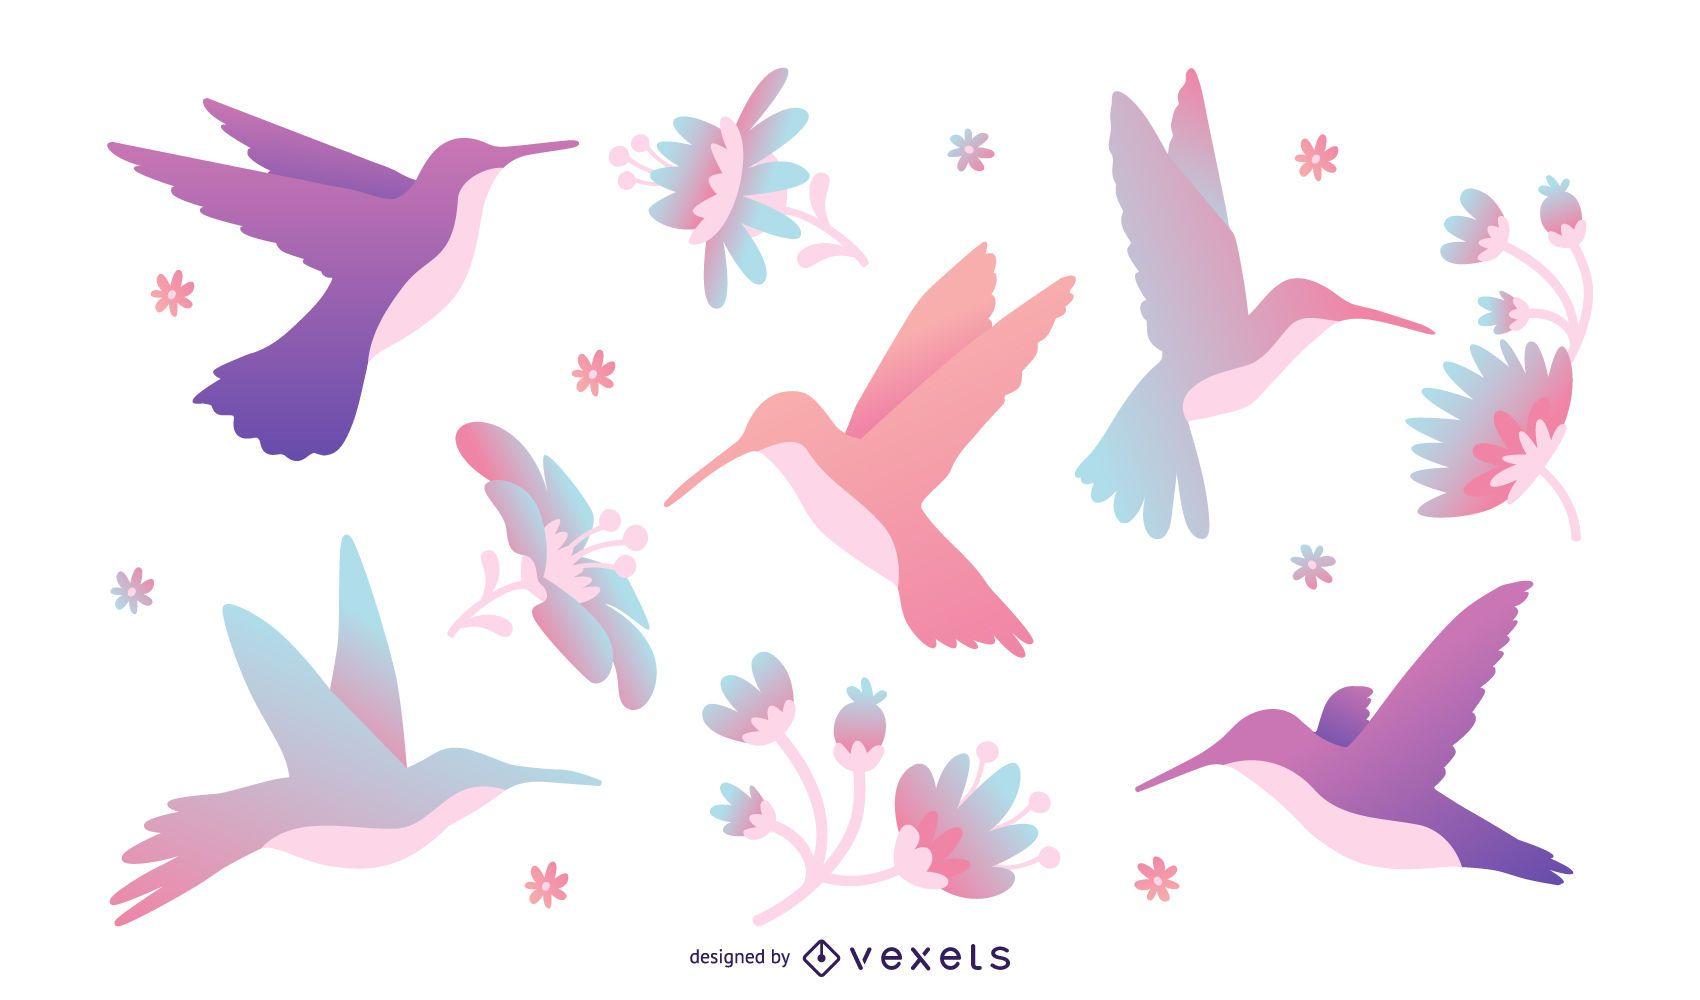 Conjunto de ilustración de colibrí de tonos pastel